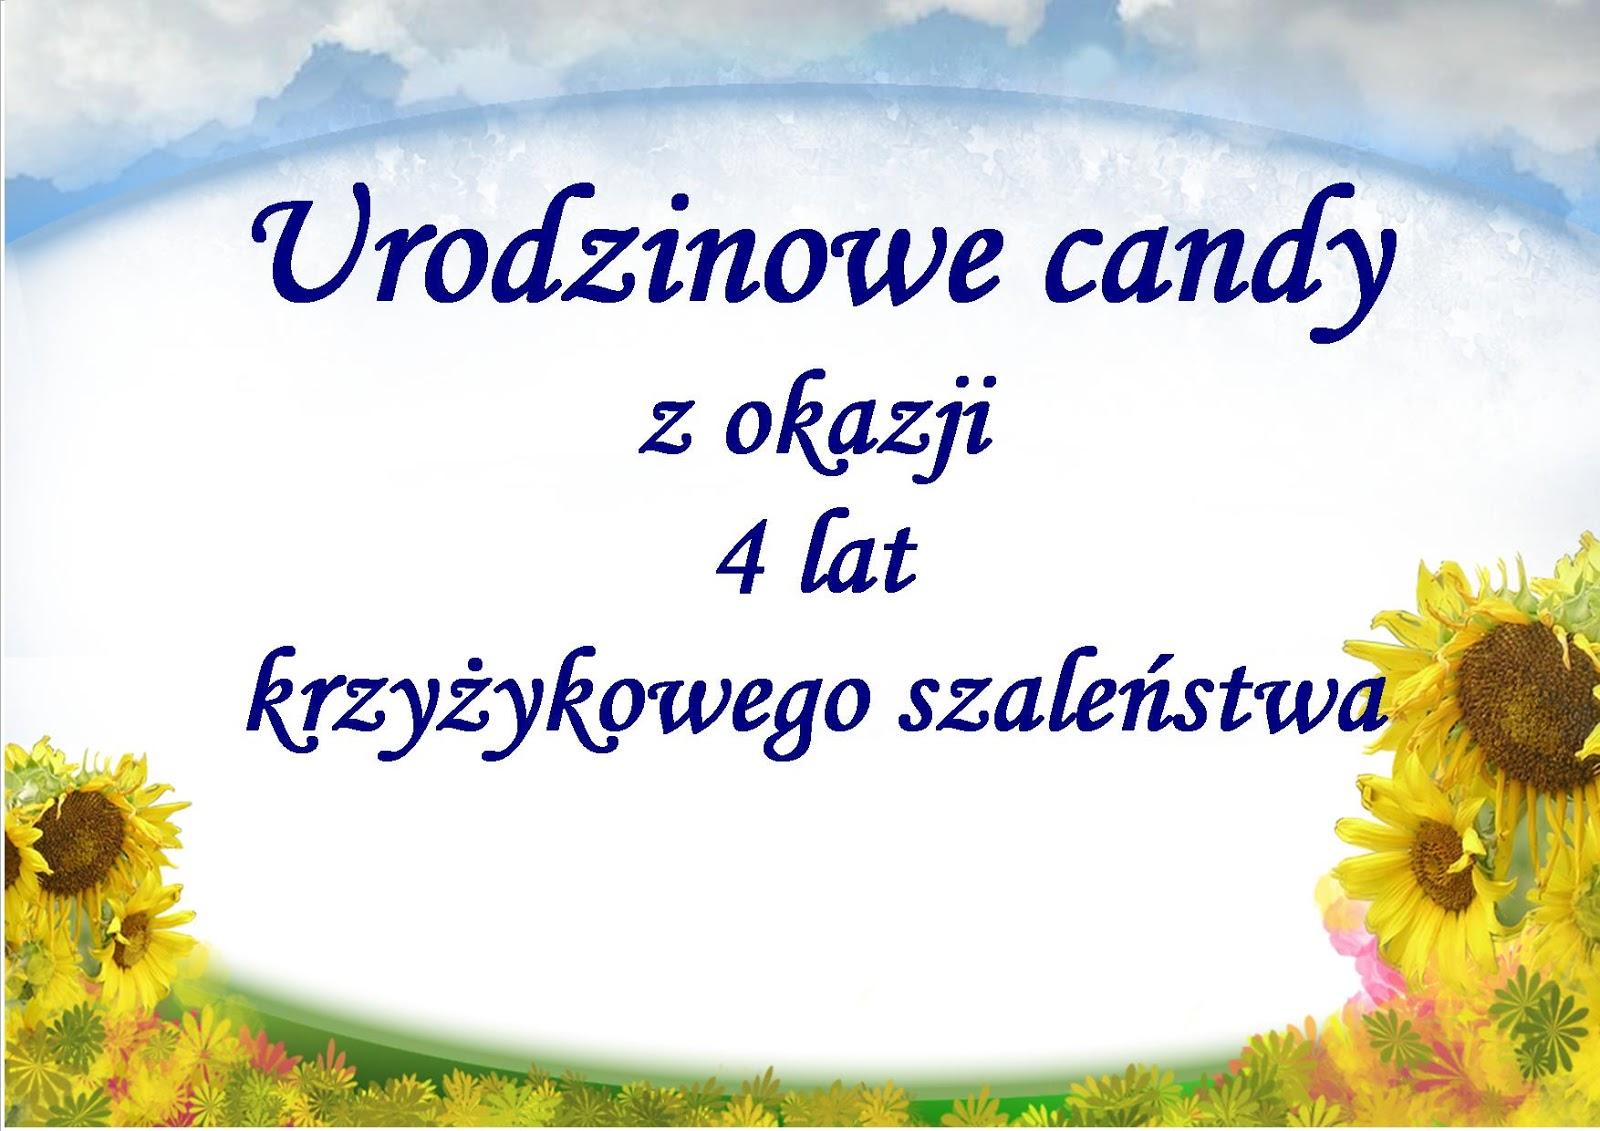 Urodzinowe Candy u Kasi